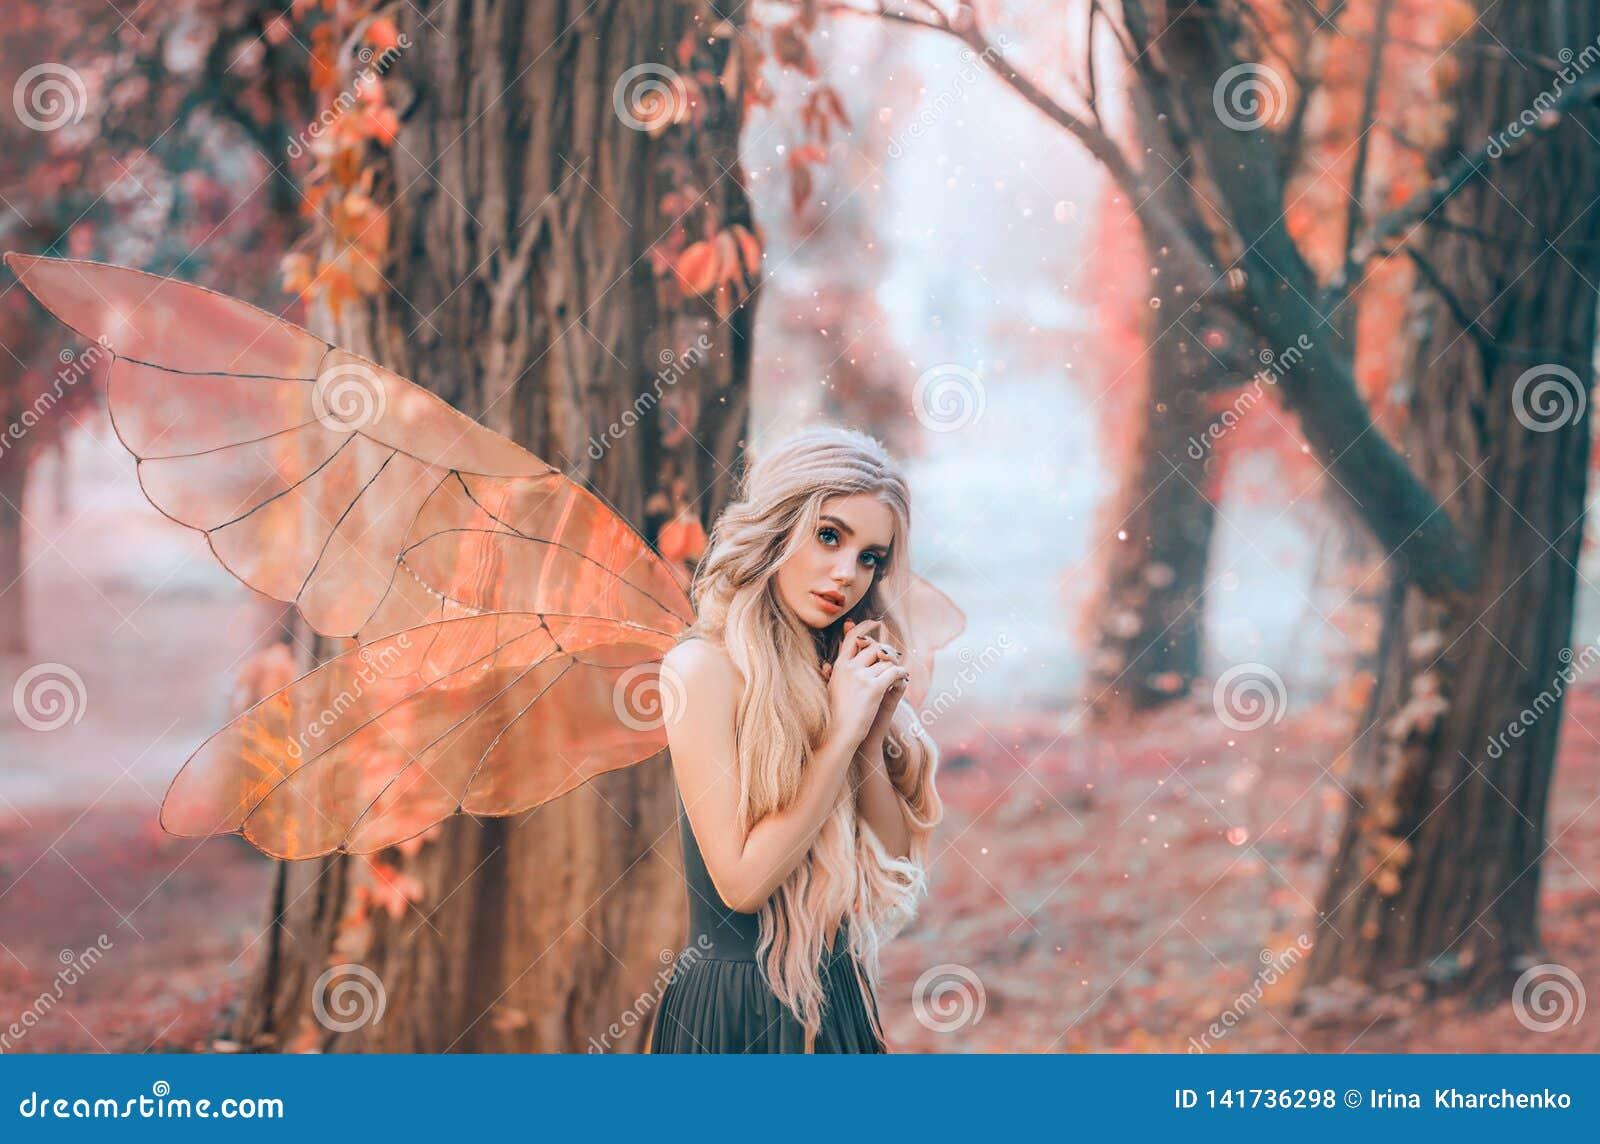 La photo lumineuse d été avec les rayons brillants du soleil, fée mystérieuse de forêt est tombée amoureuse du prince, fille avec